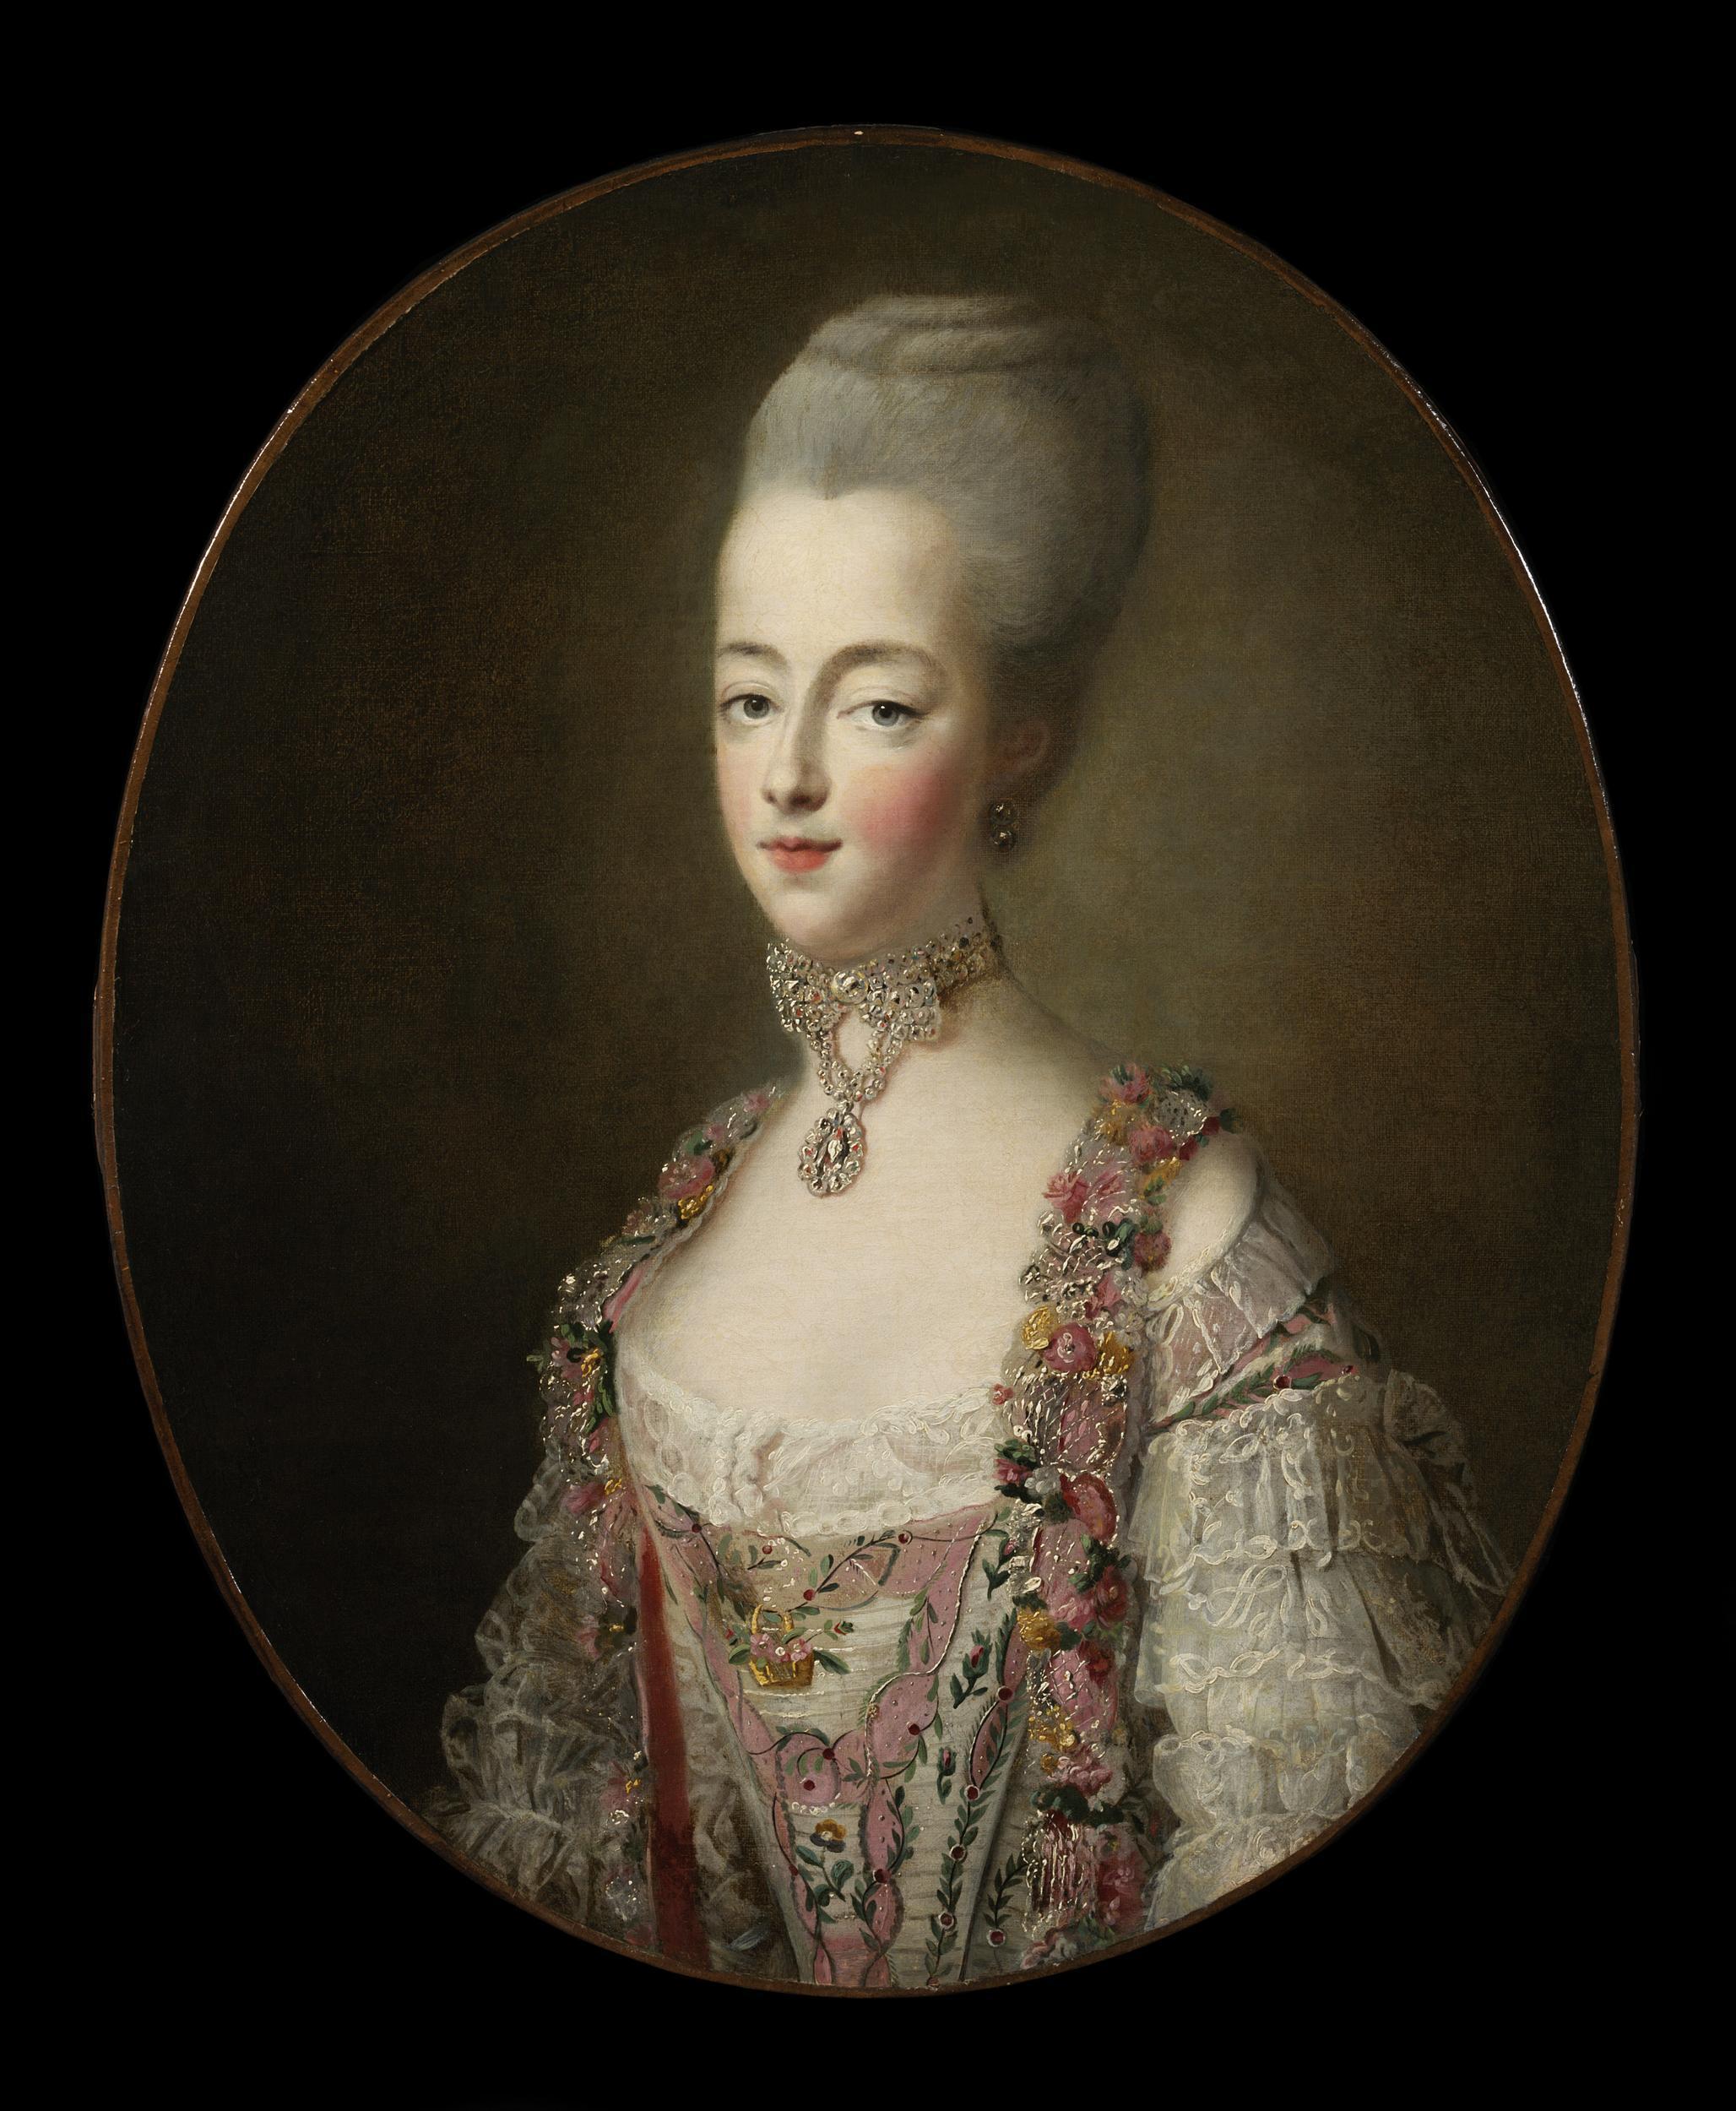 Portraits de Marie-Antoinette par et d'après François-Hubert Drouais Drouai32